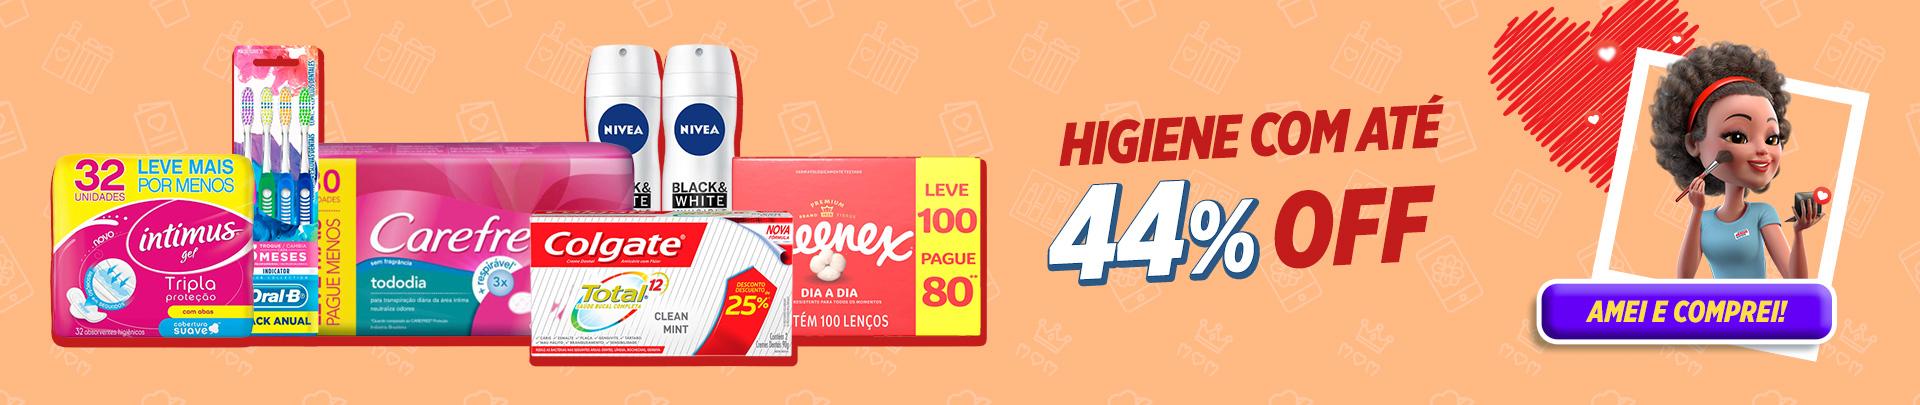 Higiene_Tab354